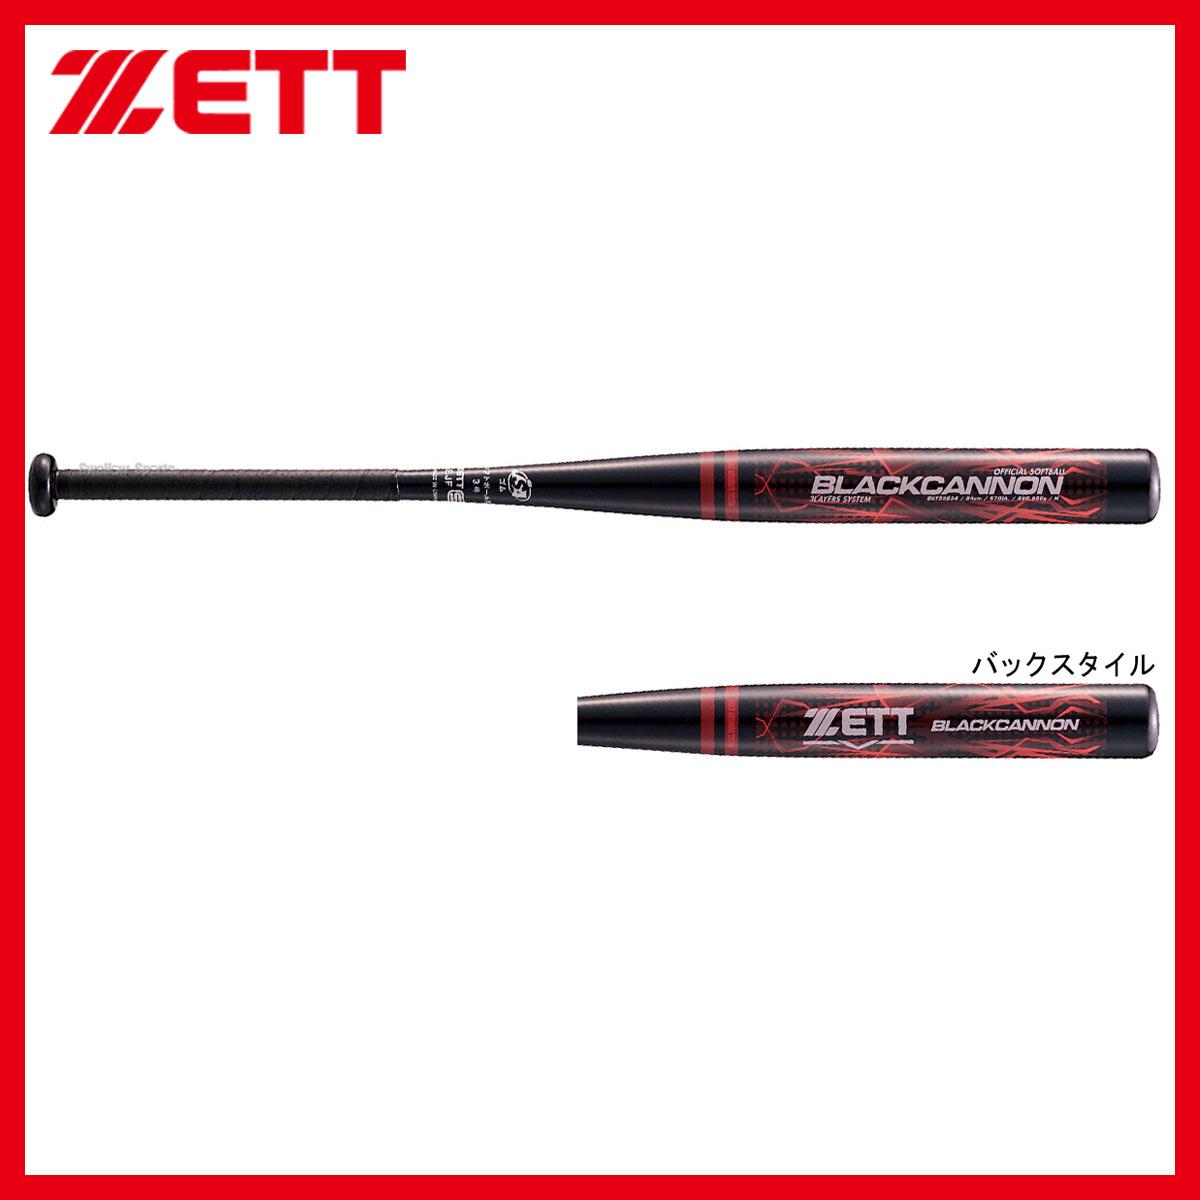 ゼット ZETT ソフト カーボン 3号 バット ブラックキャノン ゴム対応 BCT53633 バット ZETT ■TRZ 野球用品 スワロースポーツ 【SALE】